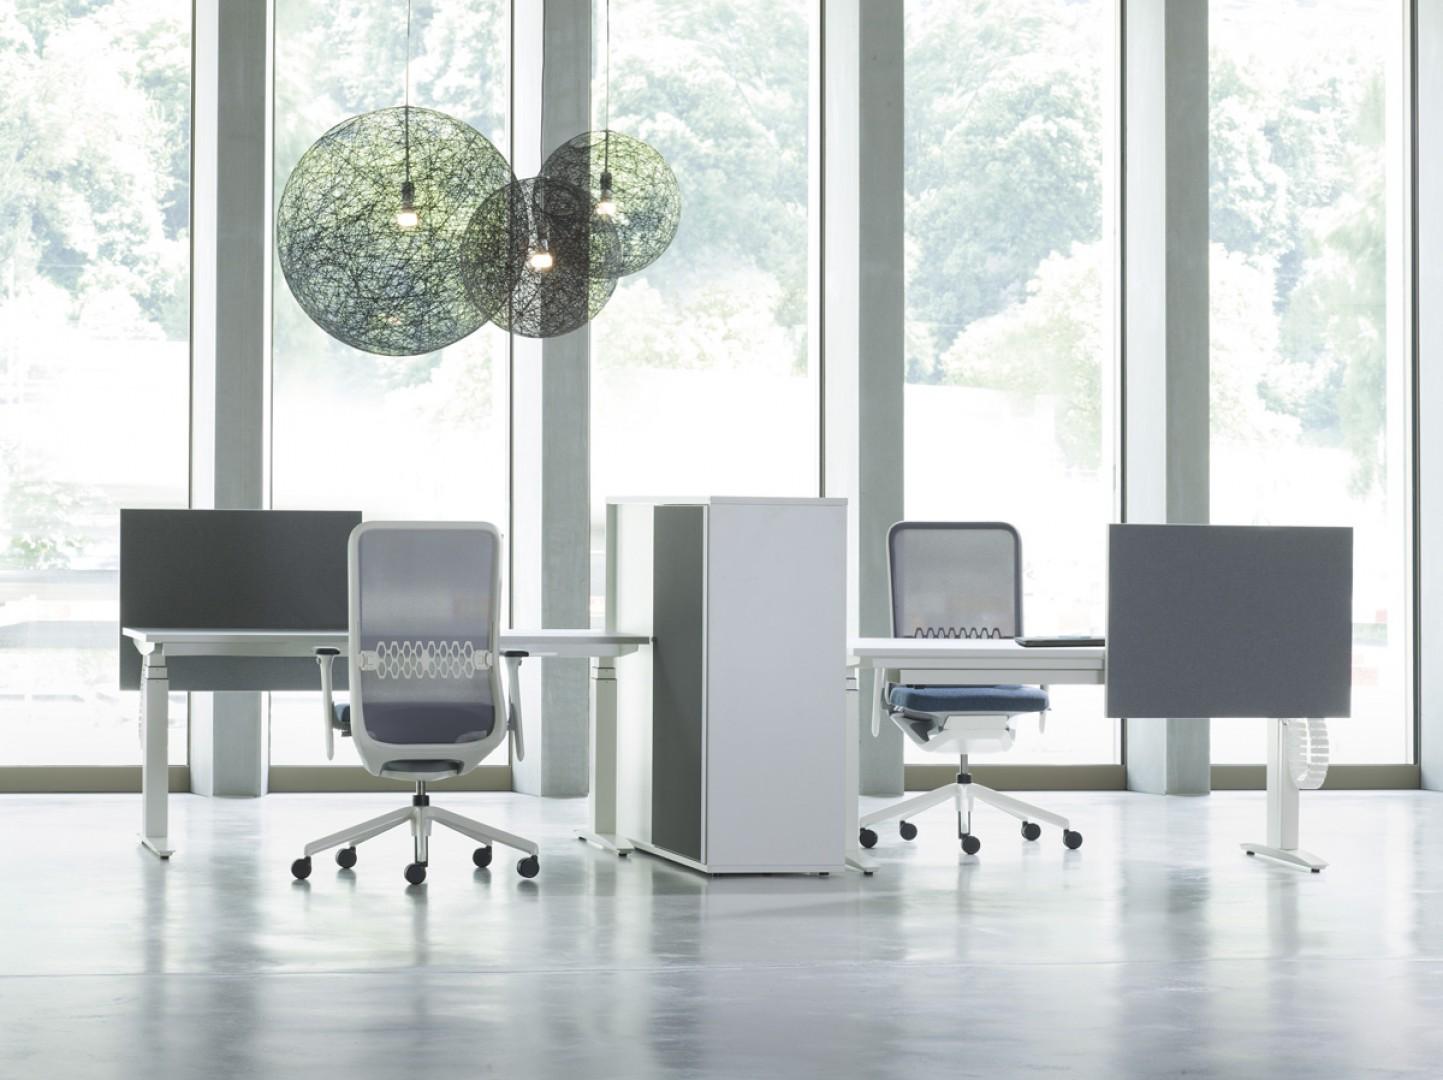 Rodzina foteli i krzeseł SitagTeam marki Sitag (Grupa Nowy Styl). Fot. Sitag/Grupa Nowy Styl